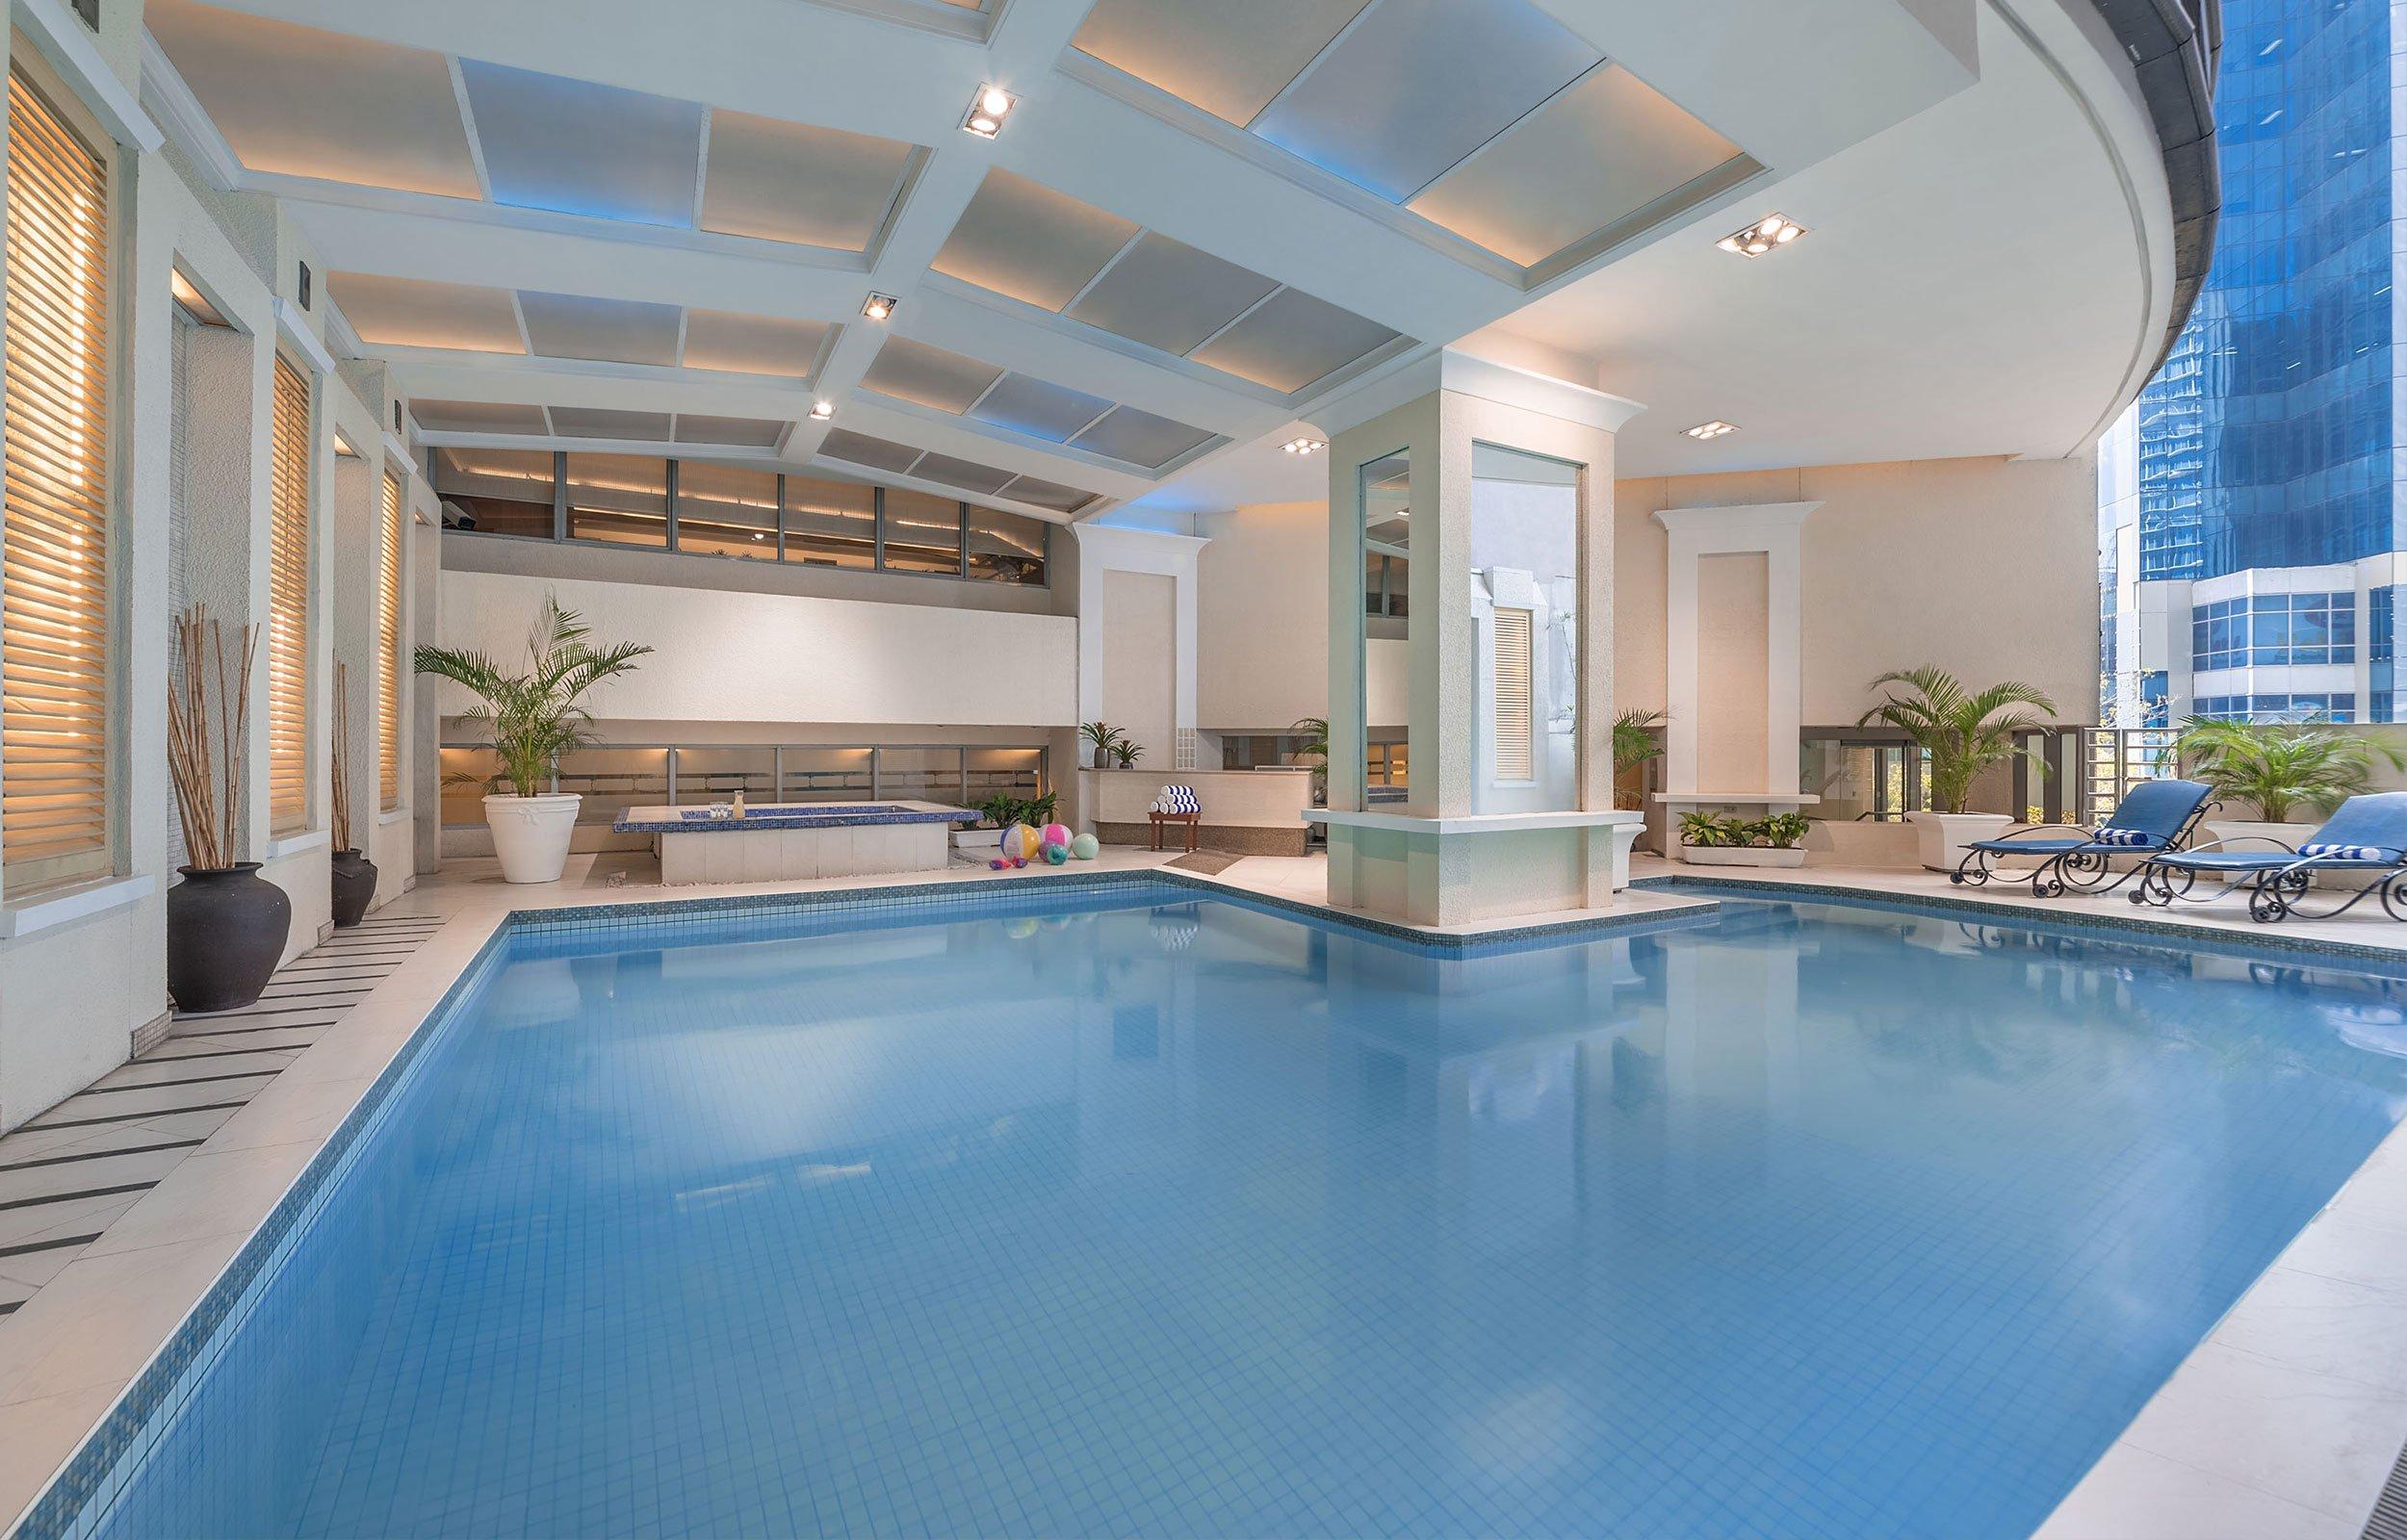 piscina all'intenro